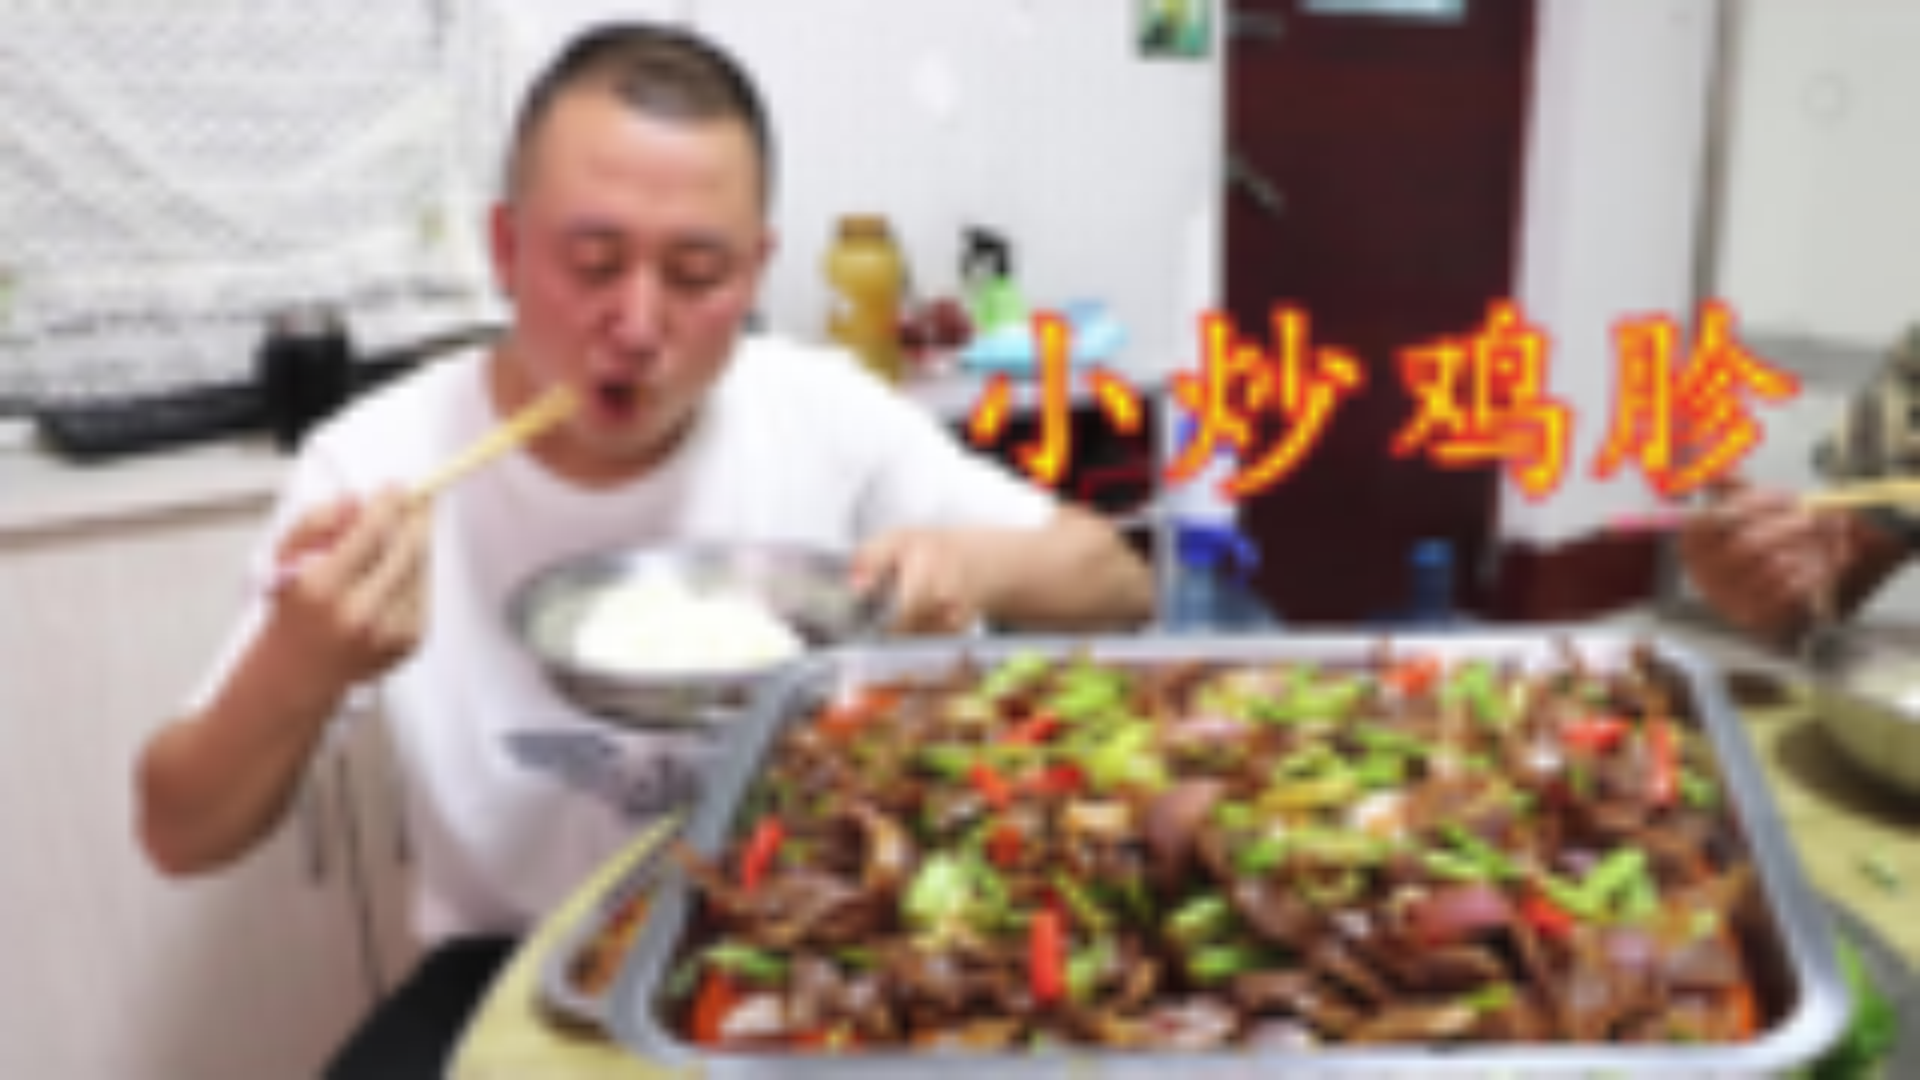 天气闷热,大彭做一份小炒鸡胗下饭,入口爽脆,吃着真过瘾